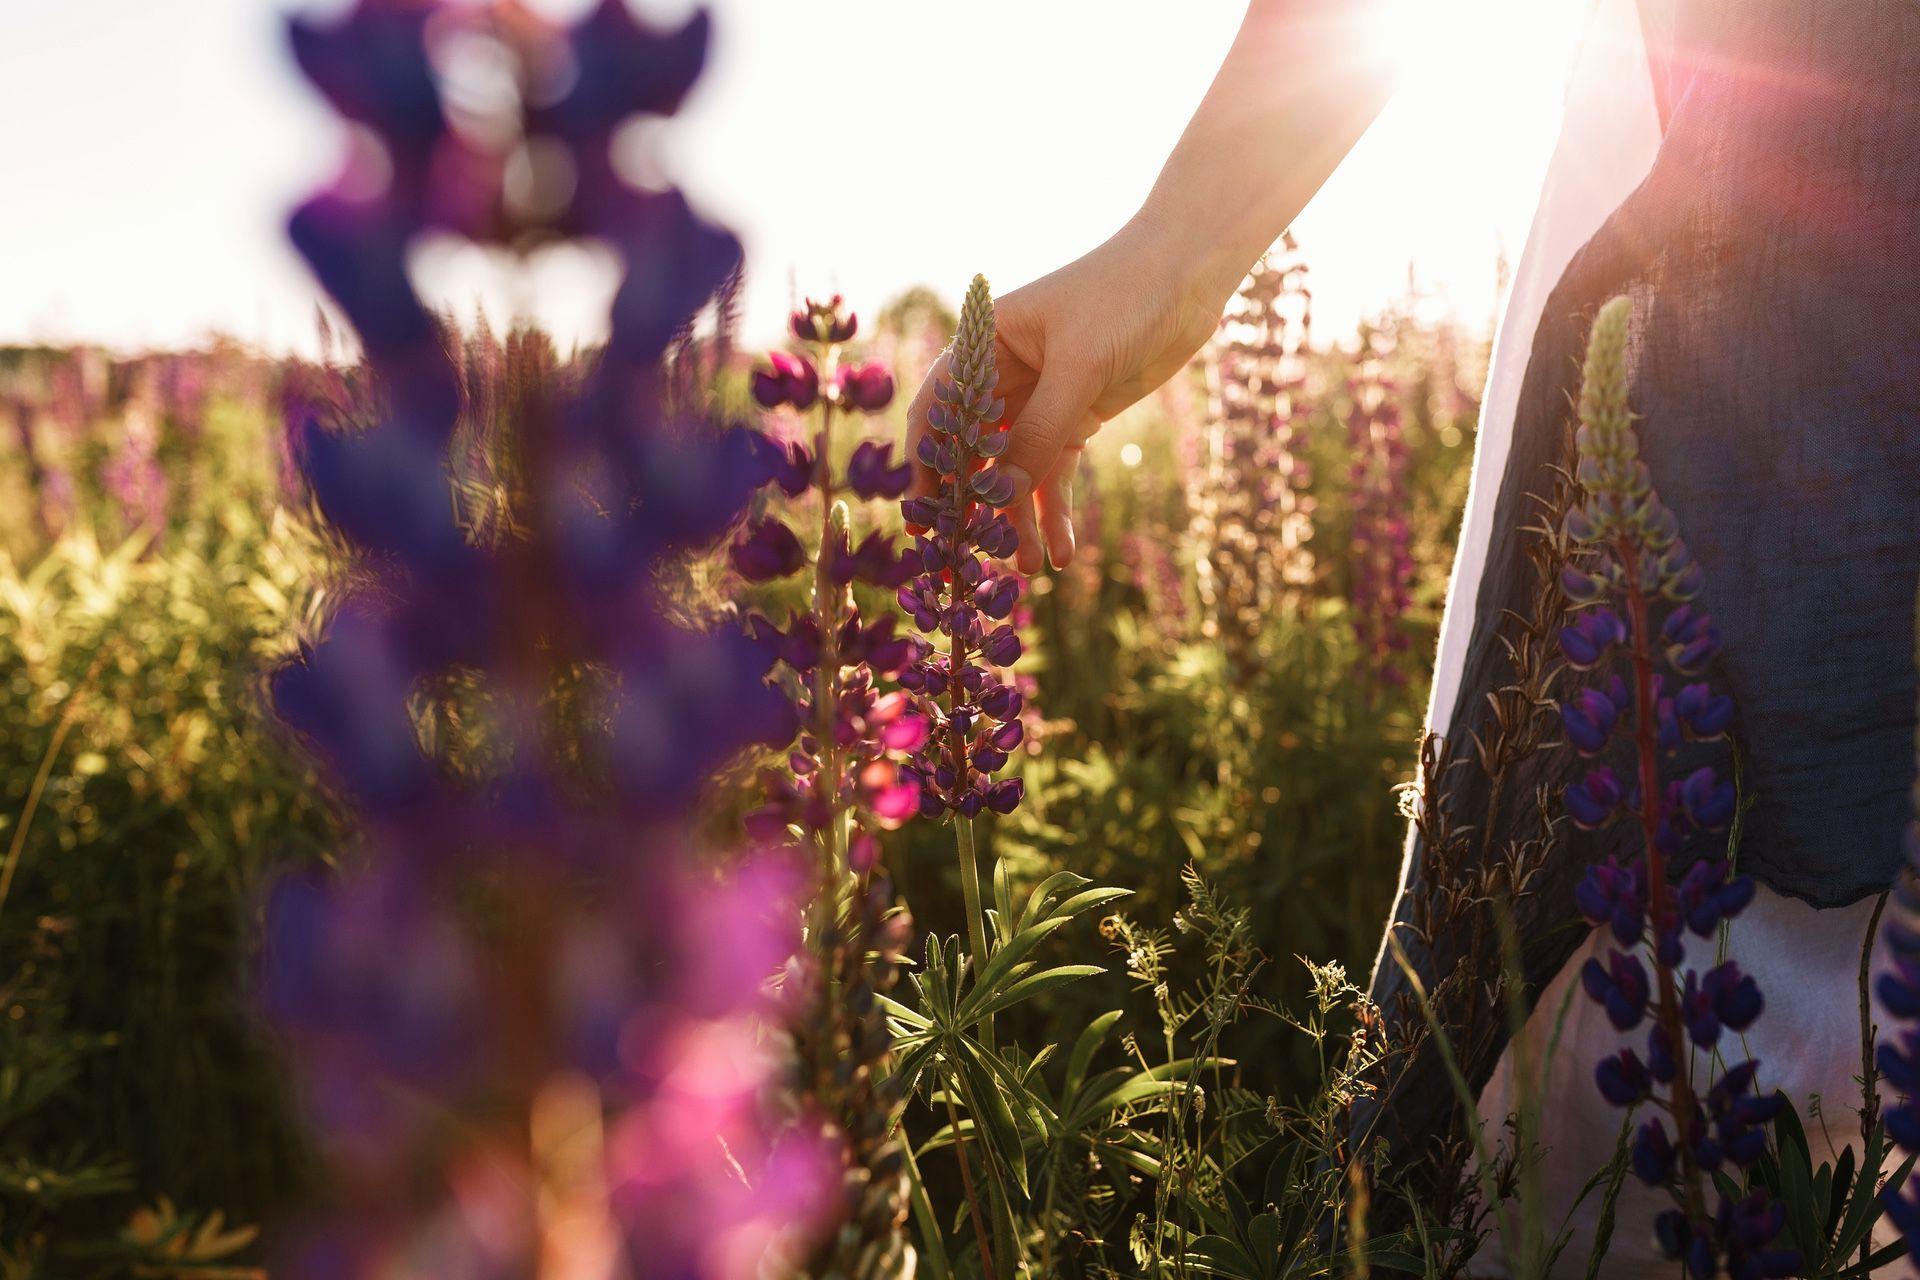 woman-hand-touching-flower-grass-field-with-sunset-light